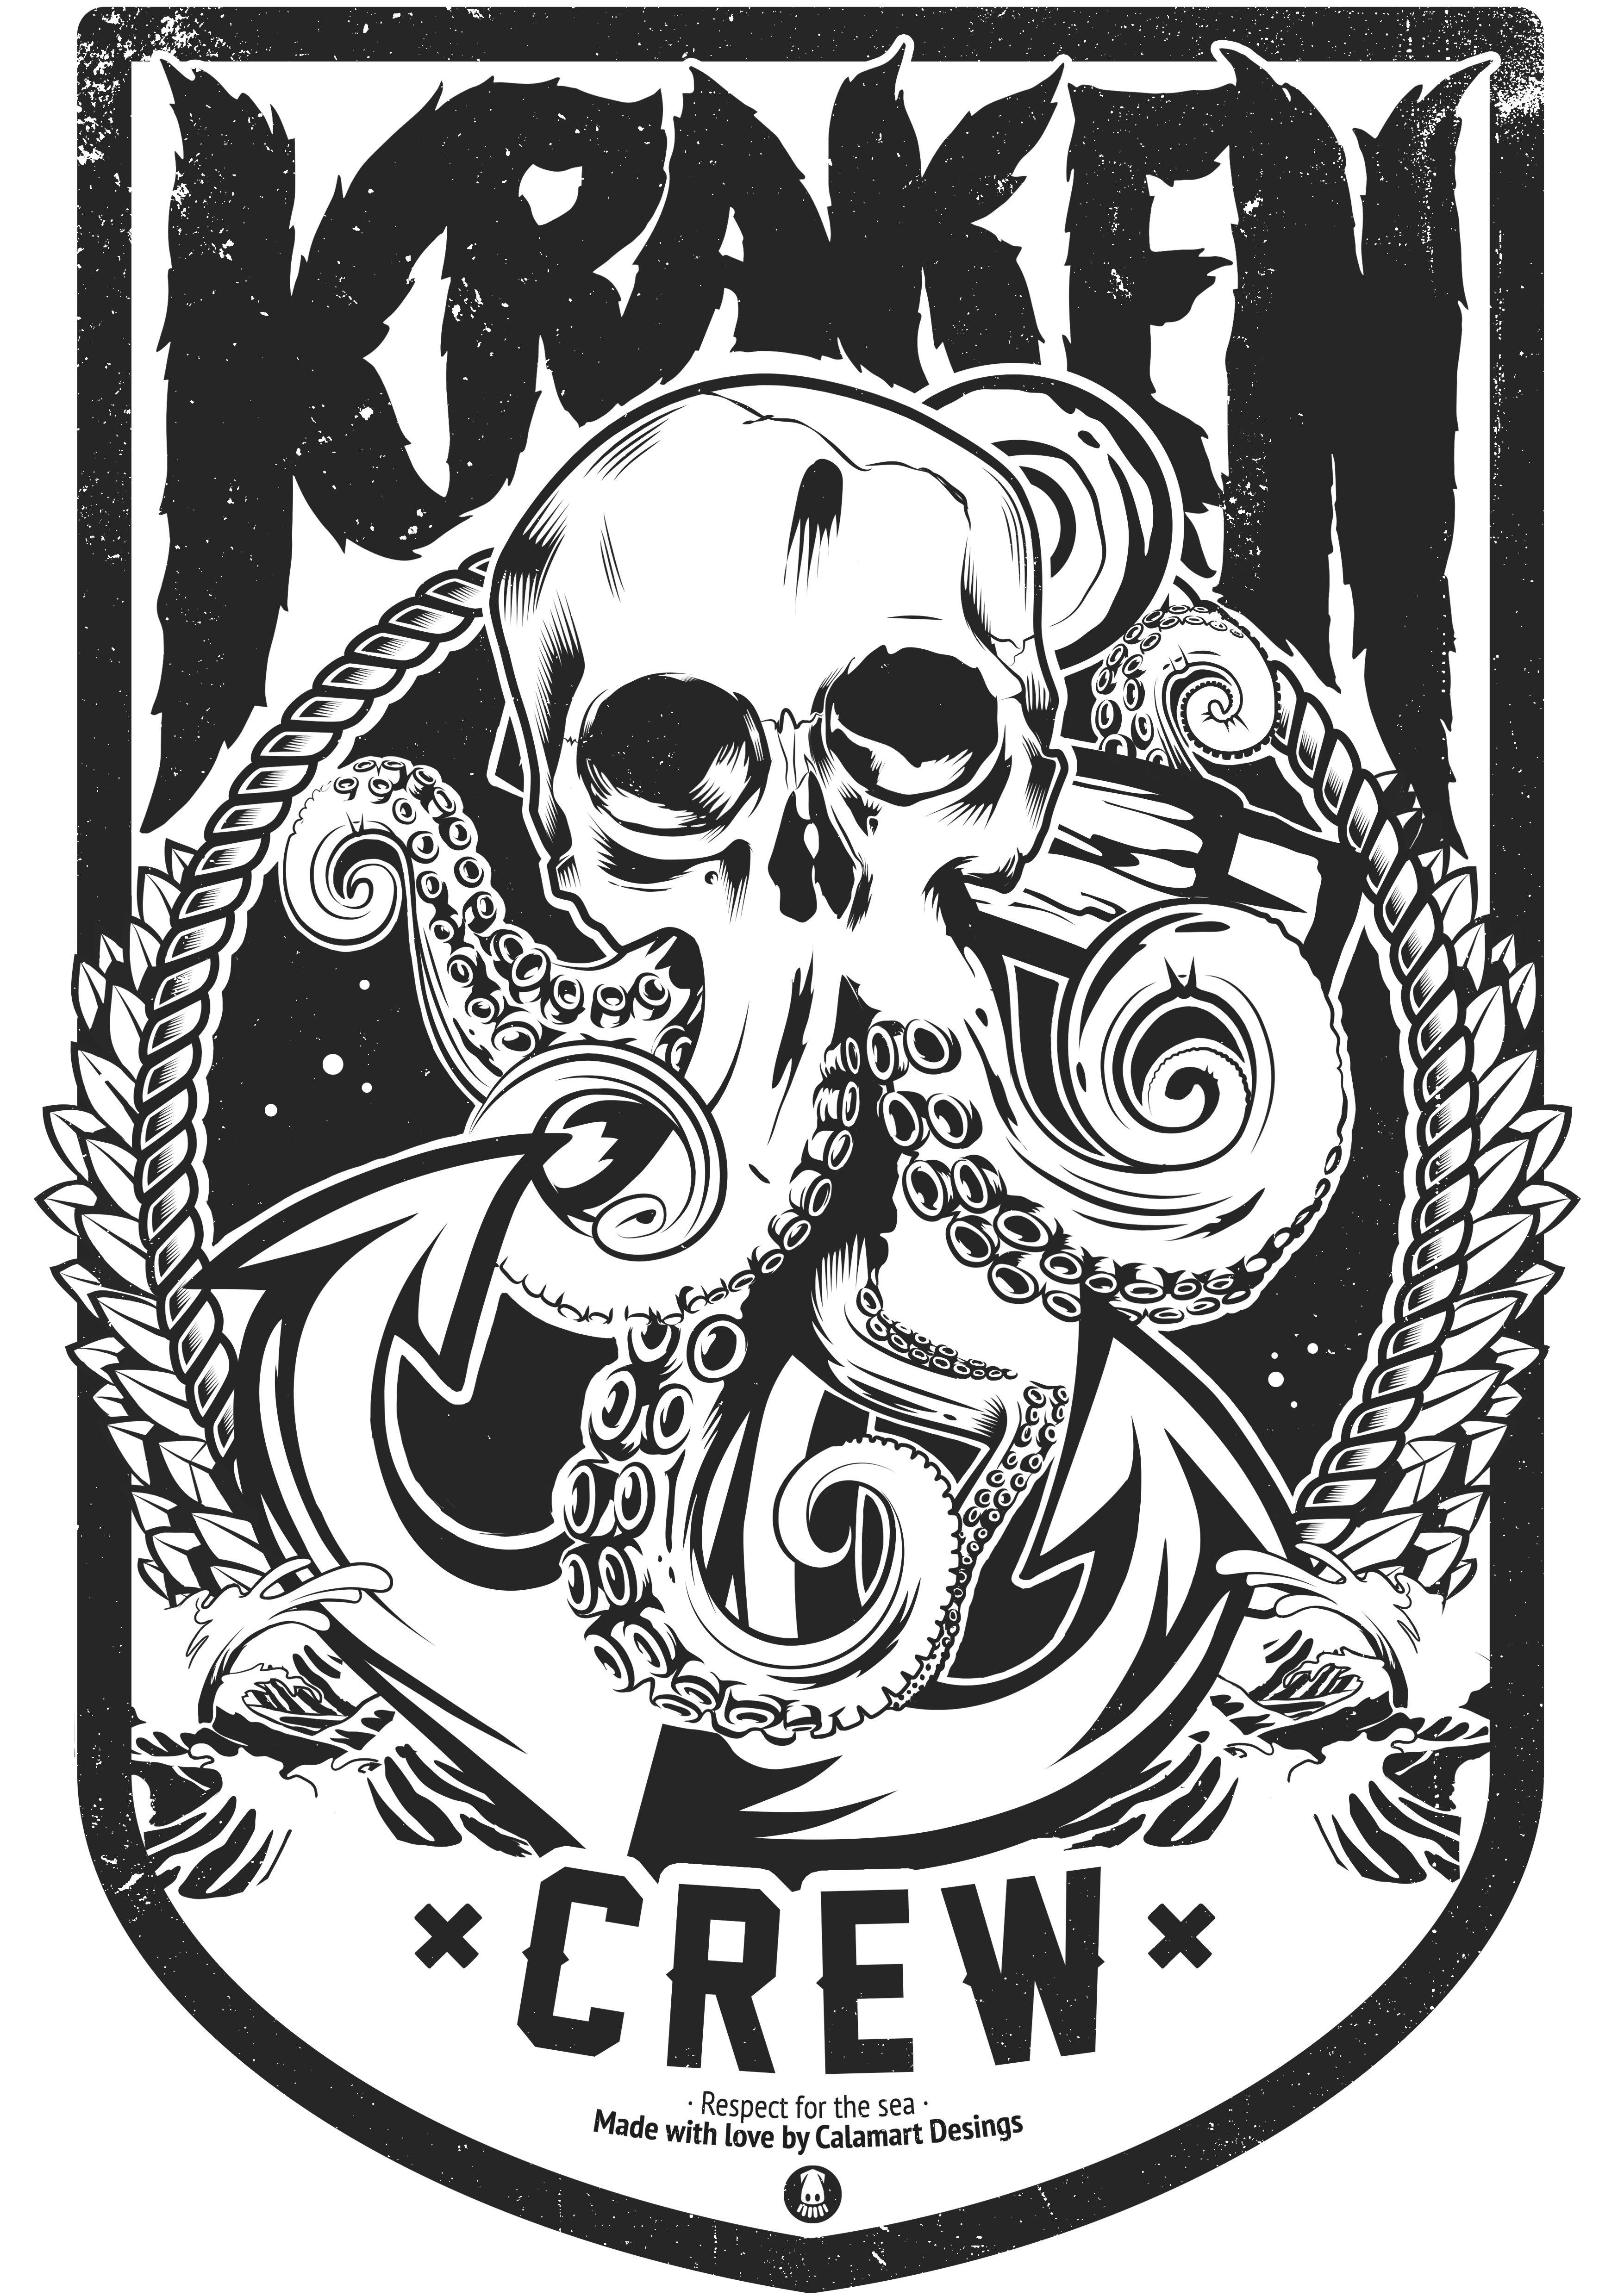 Kraken Skull Ink Kraken Octopus Illustration Draw Pulpos